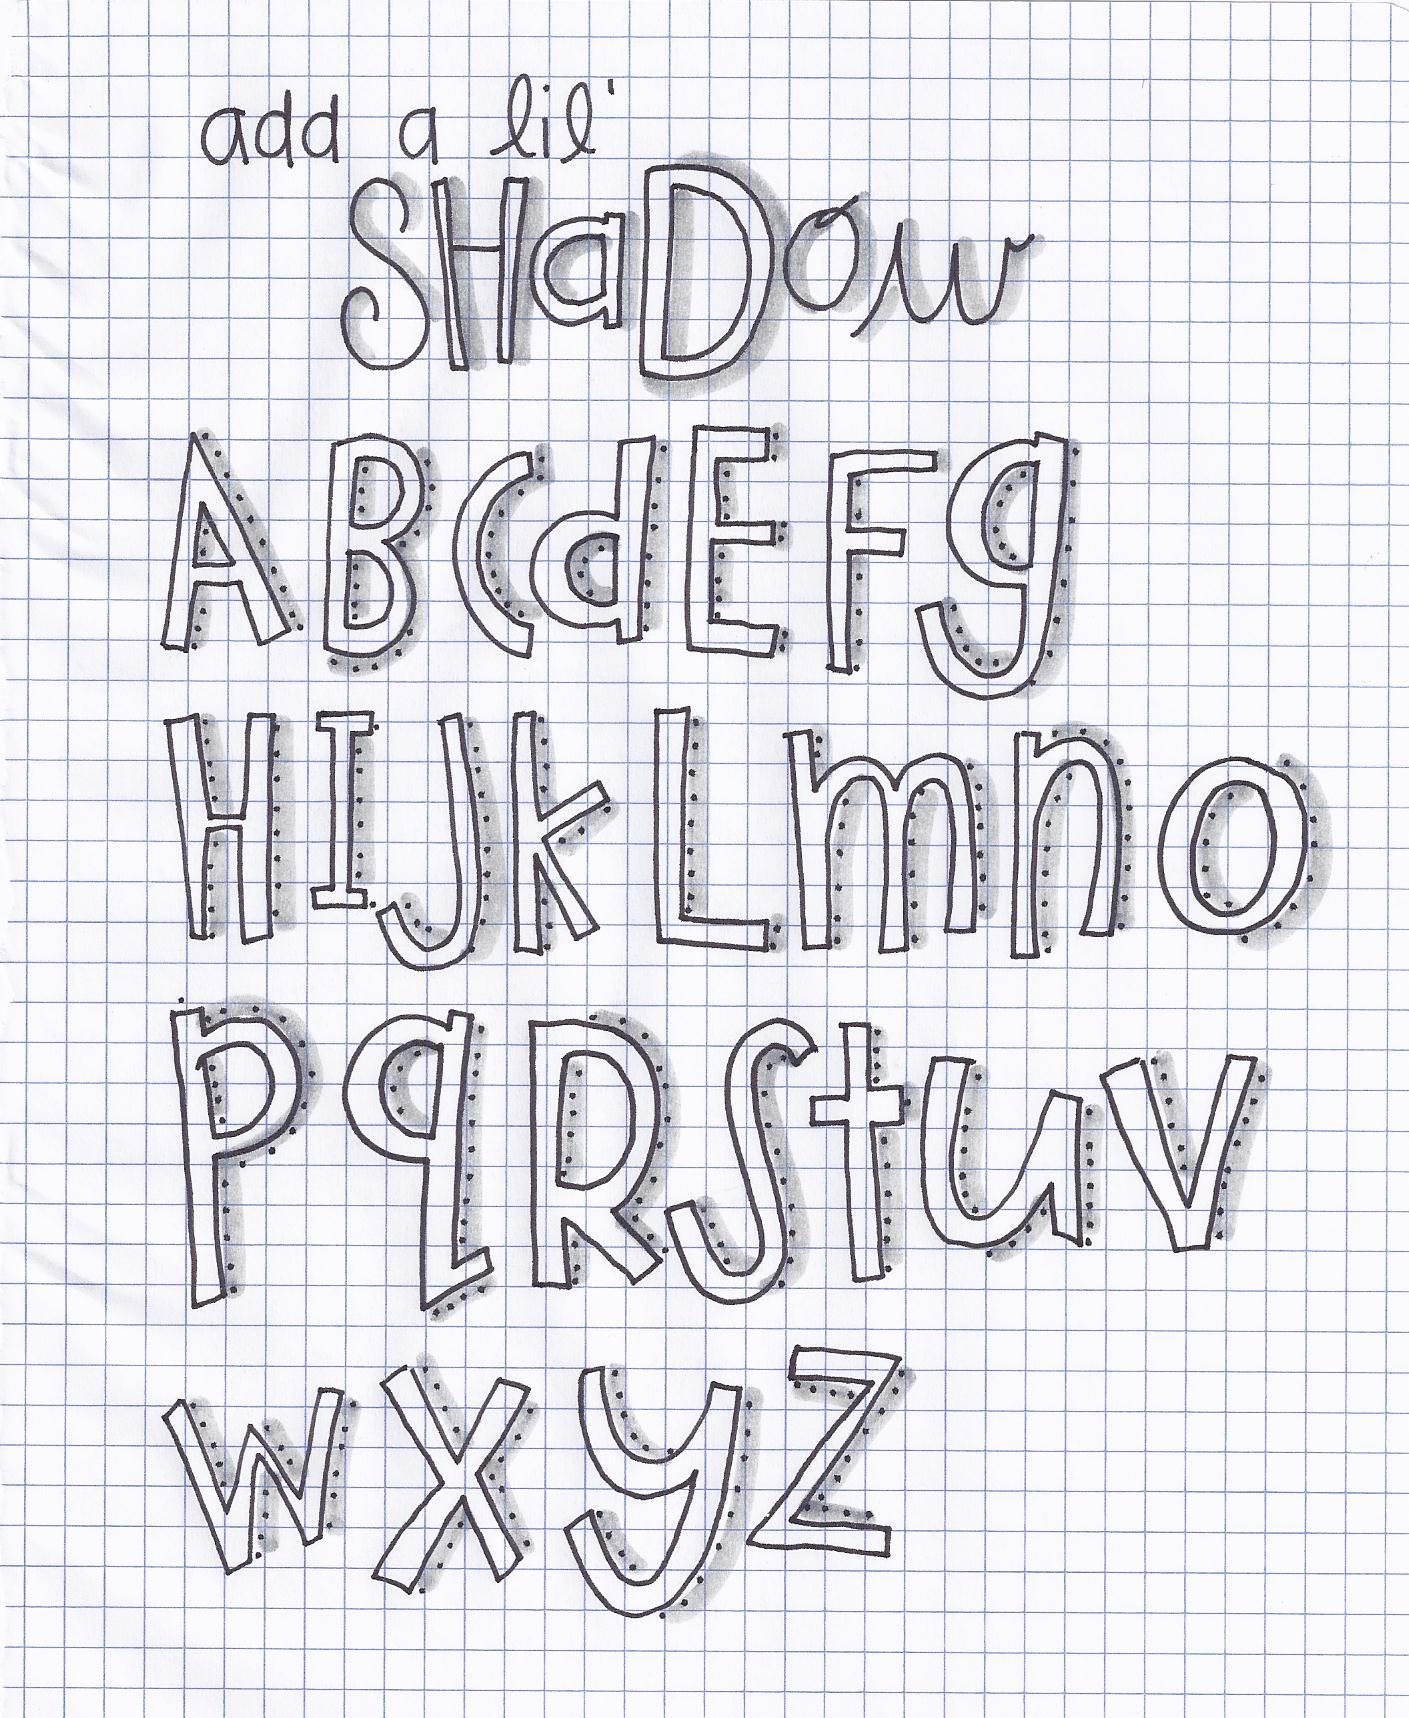 Add A Lil Shadow